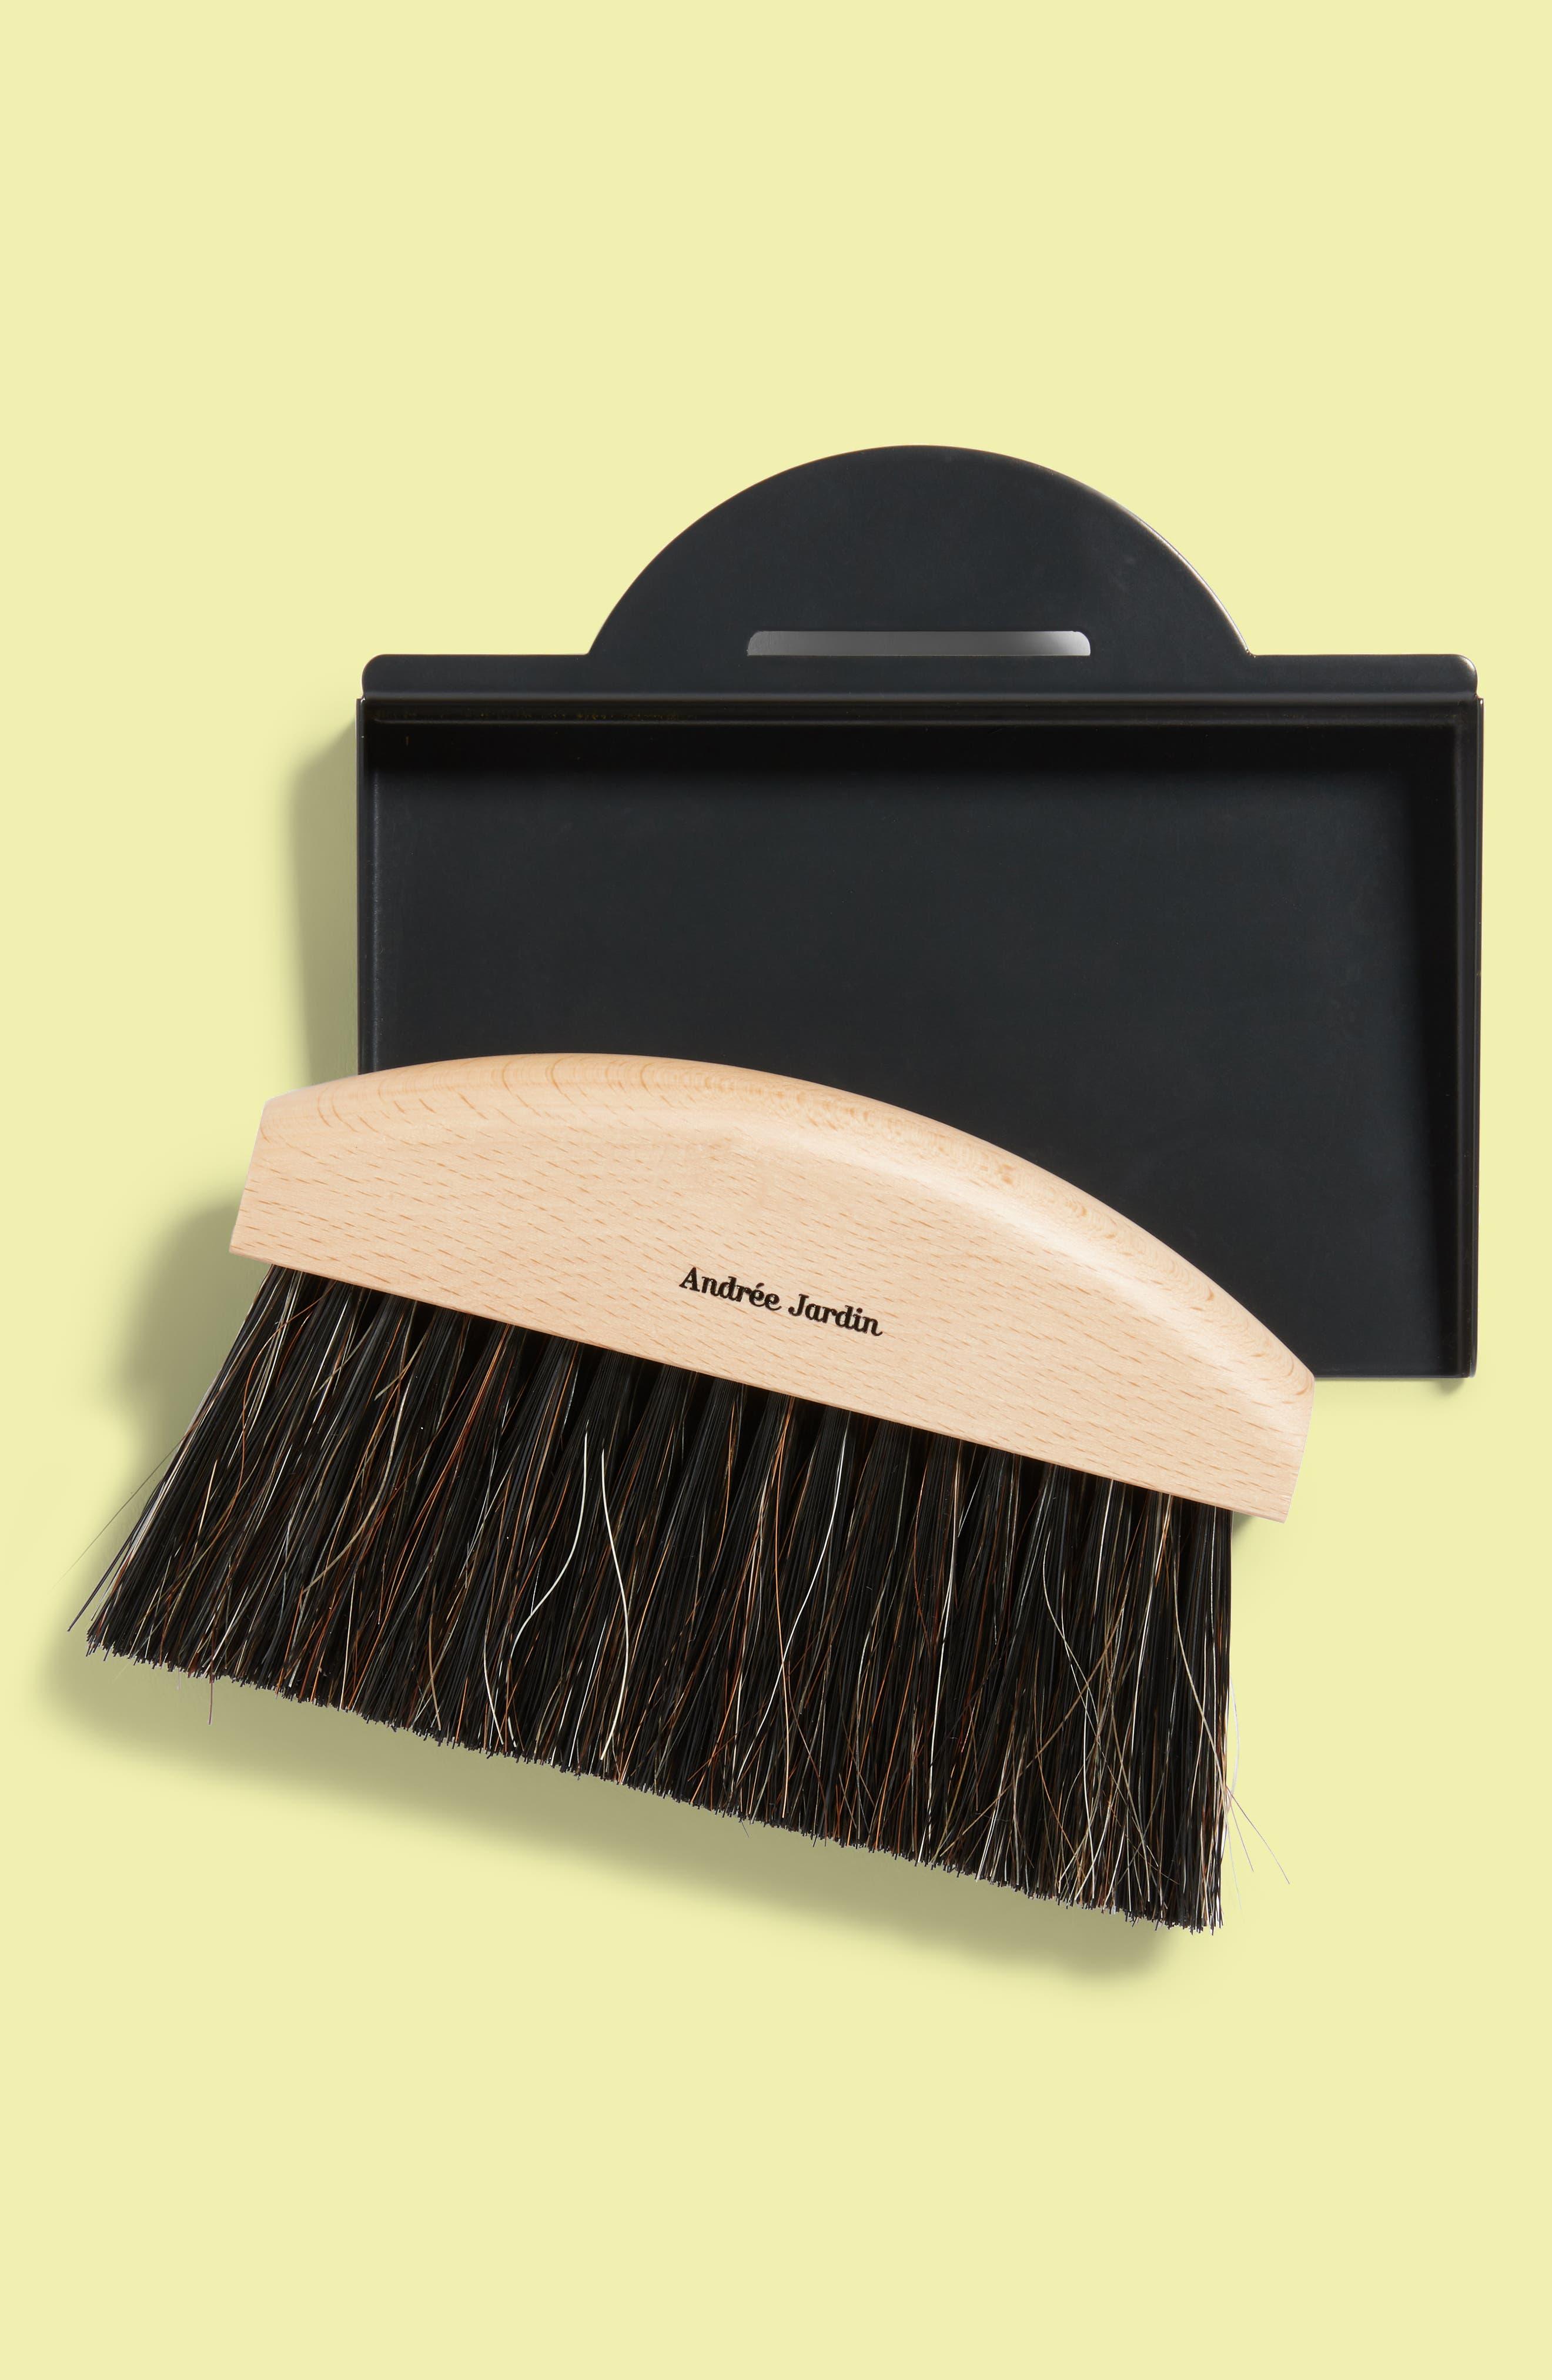 Andrée Jardin Mini Brush & Dustpan Set,                             Main thumbnail 1, color,                             001